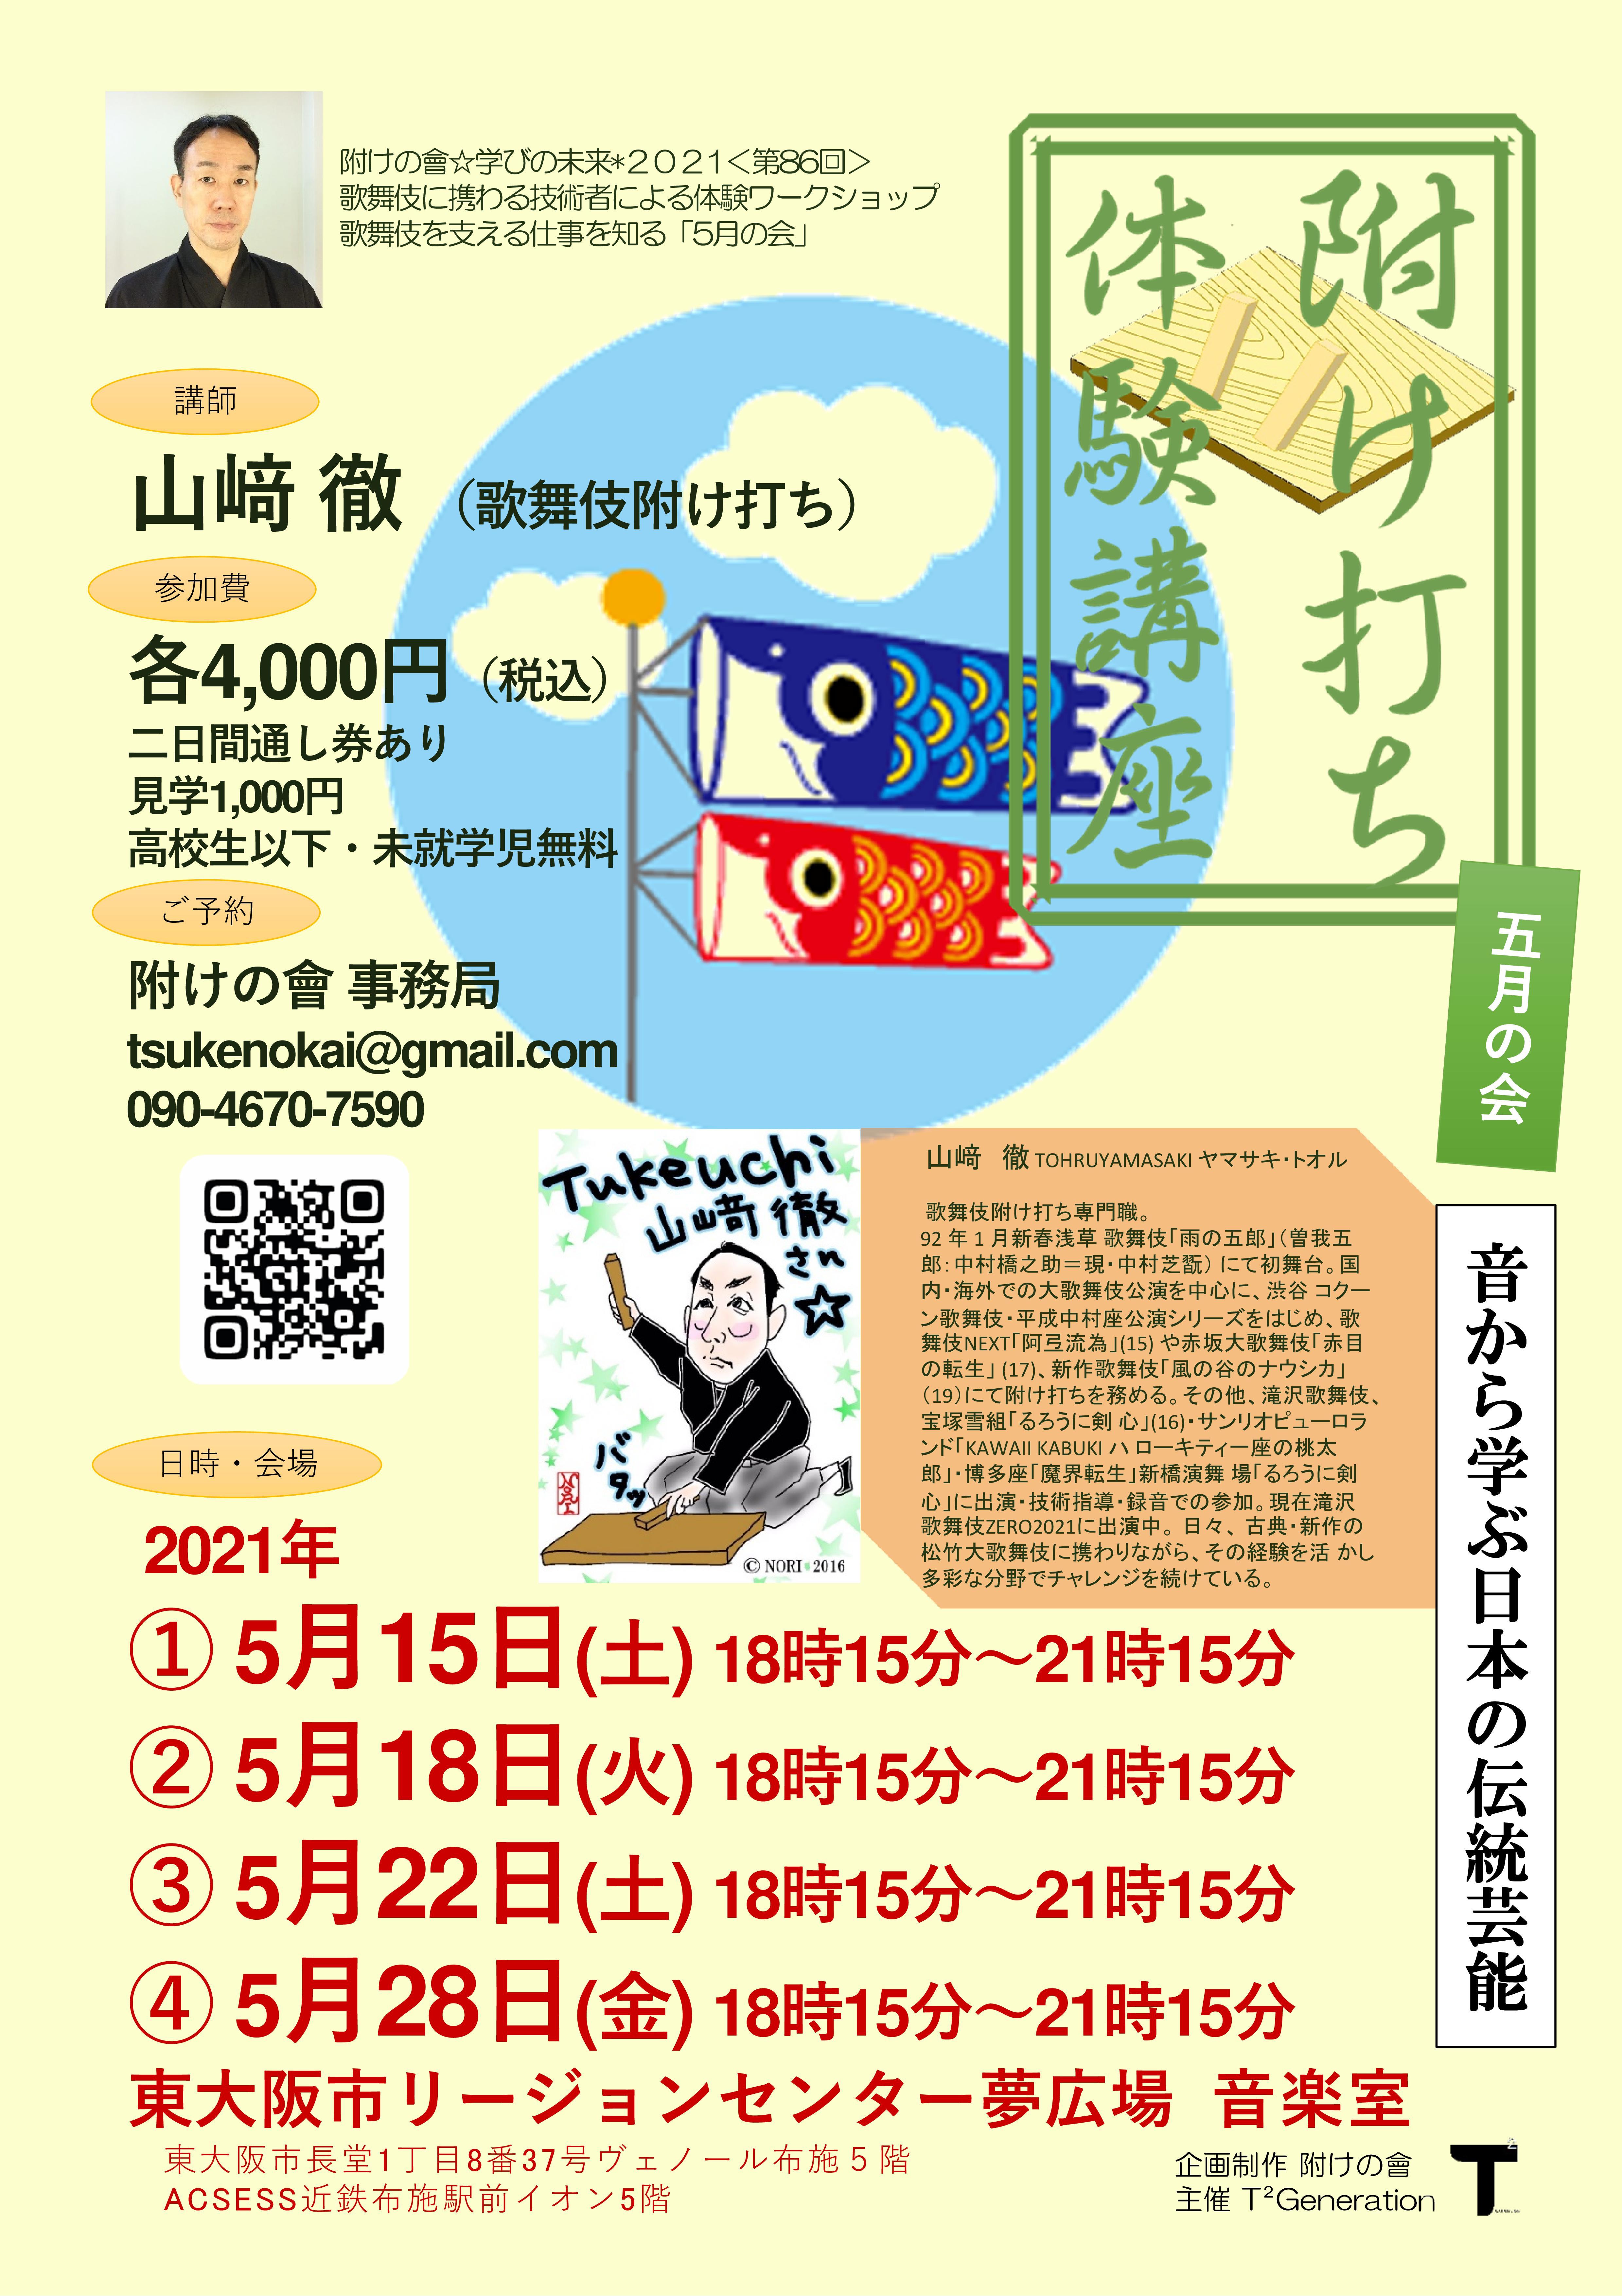 附け打ち体験講座 令和3年5月大阪